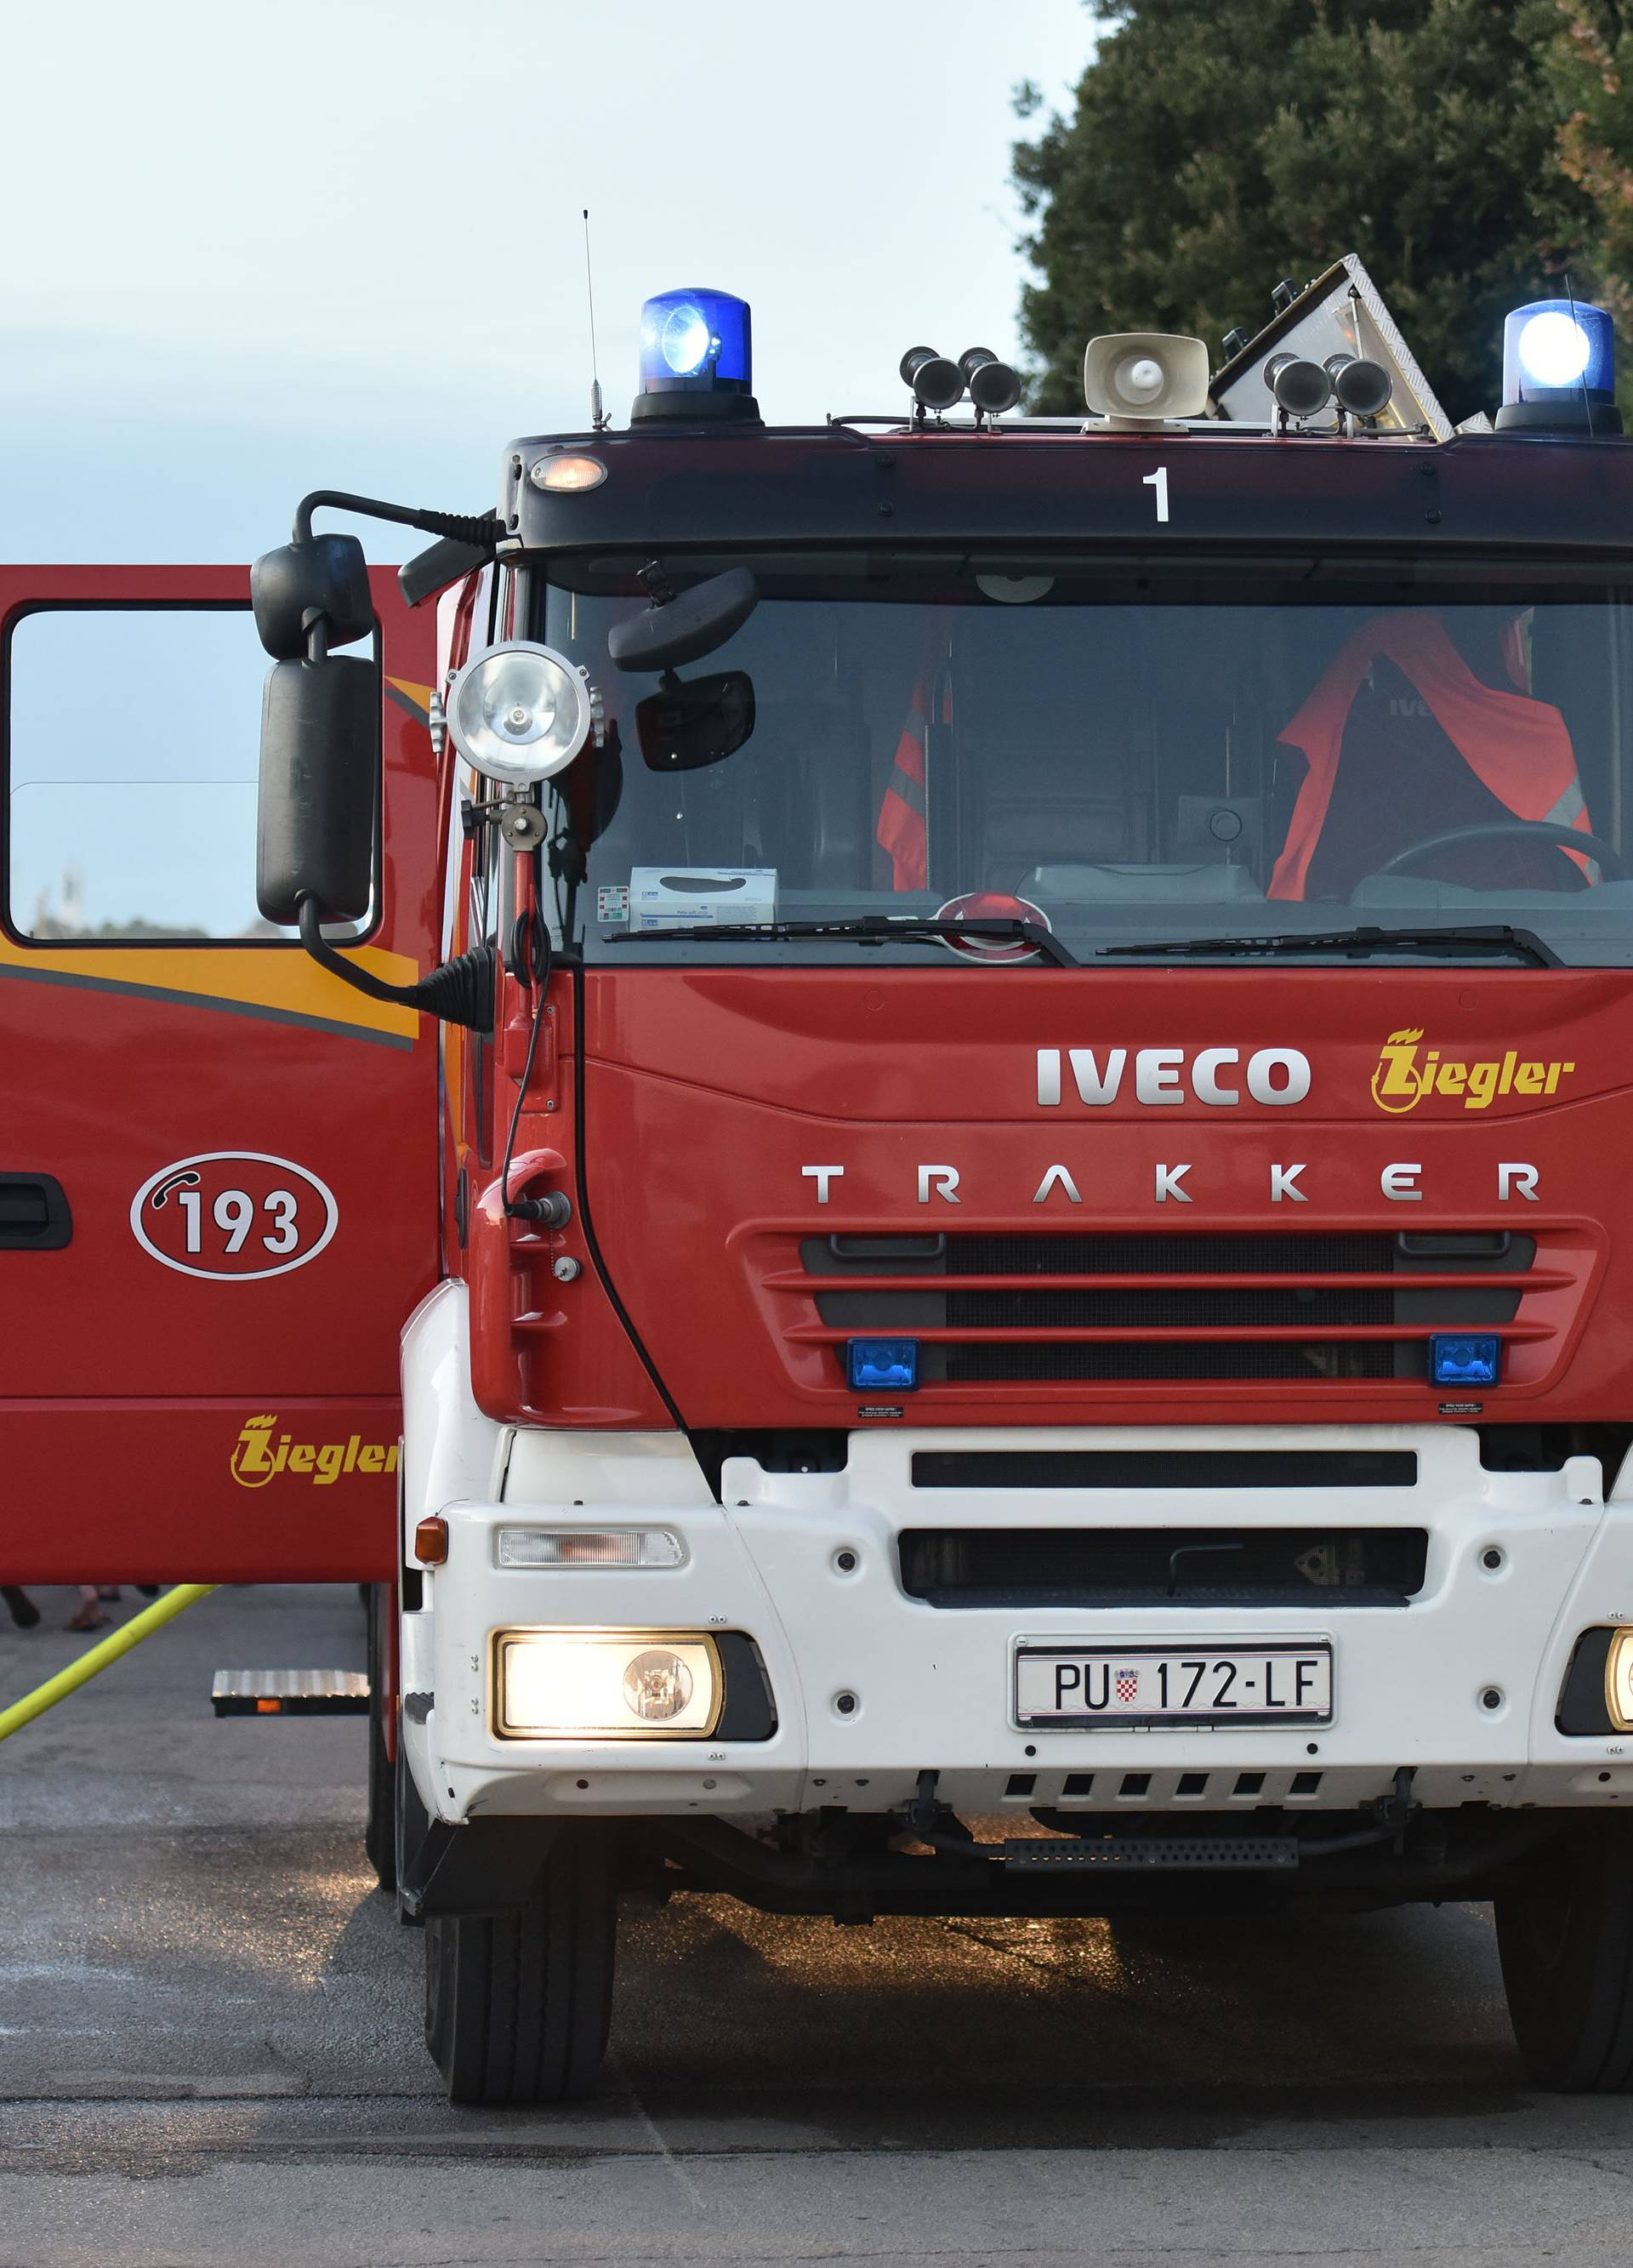 Buknuo požar u lučici: Zapalio se gliser u Kaštel Kambelovcu